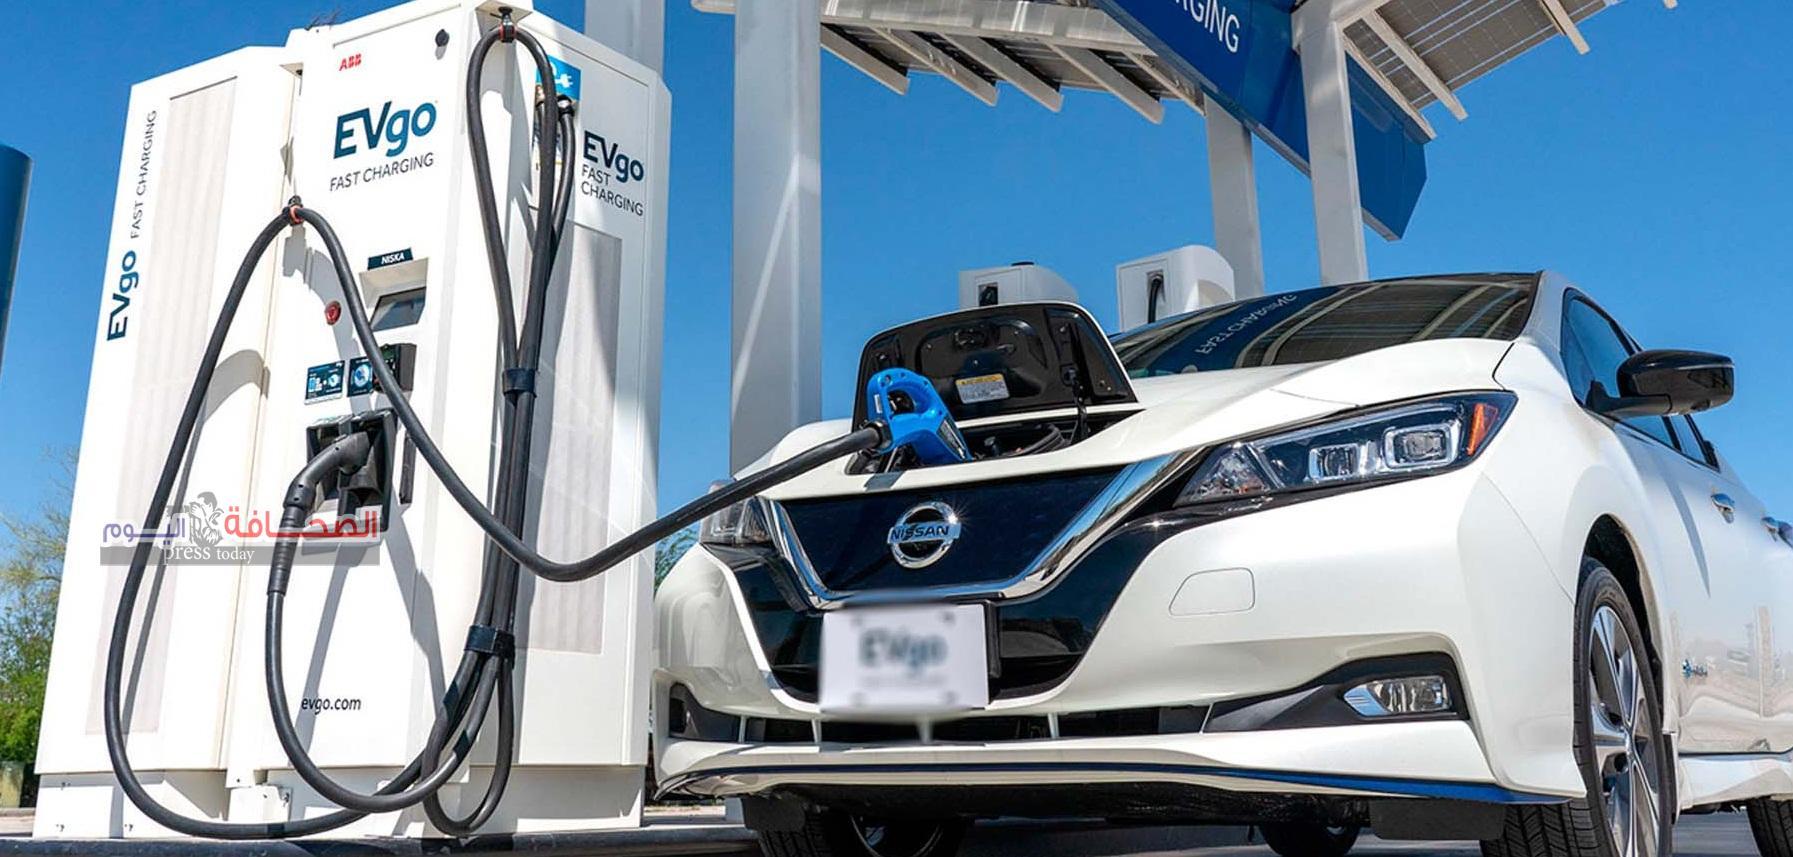 تركيب 500 ألف محطة لشحن السيارات الكهربائية بتكلفة 5 مليارات دولار